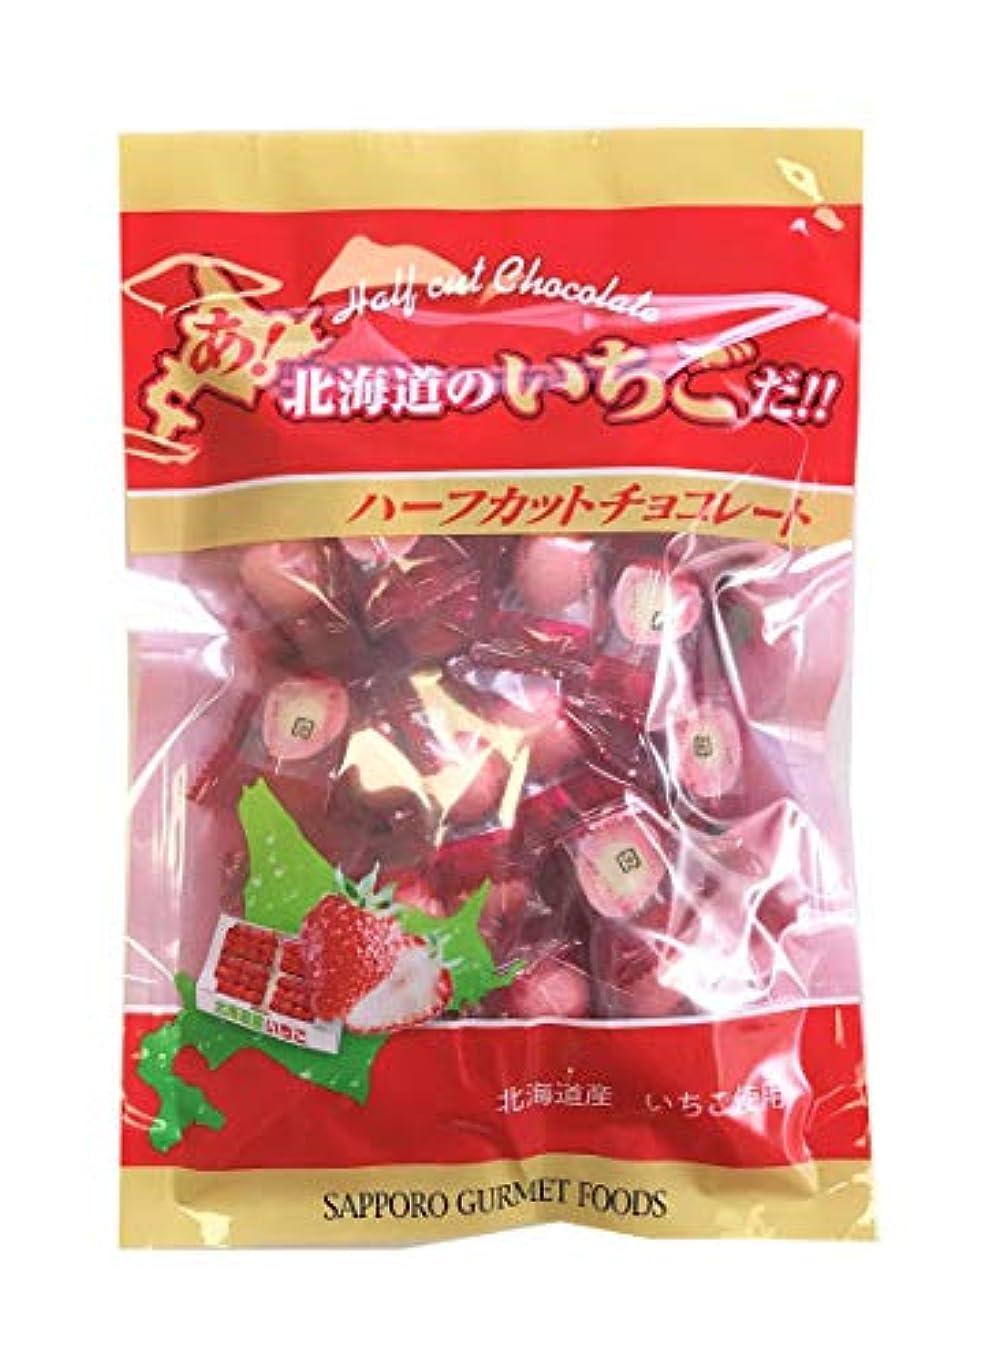 集中菊痴漢札幌グルメフーズ あ、北海道のいちごだ!!ハーフカットチョコレート 250g